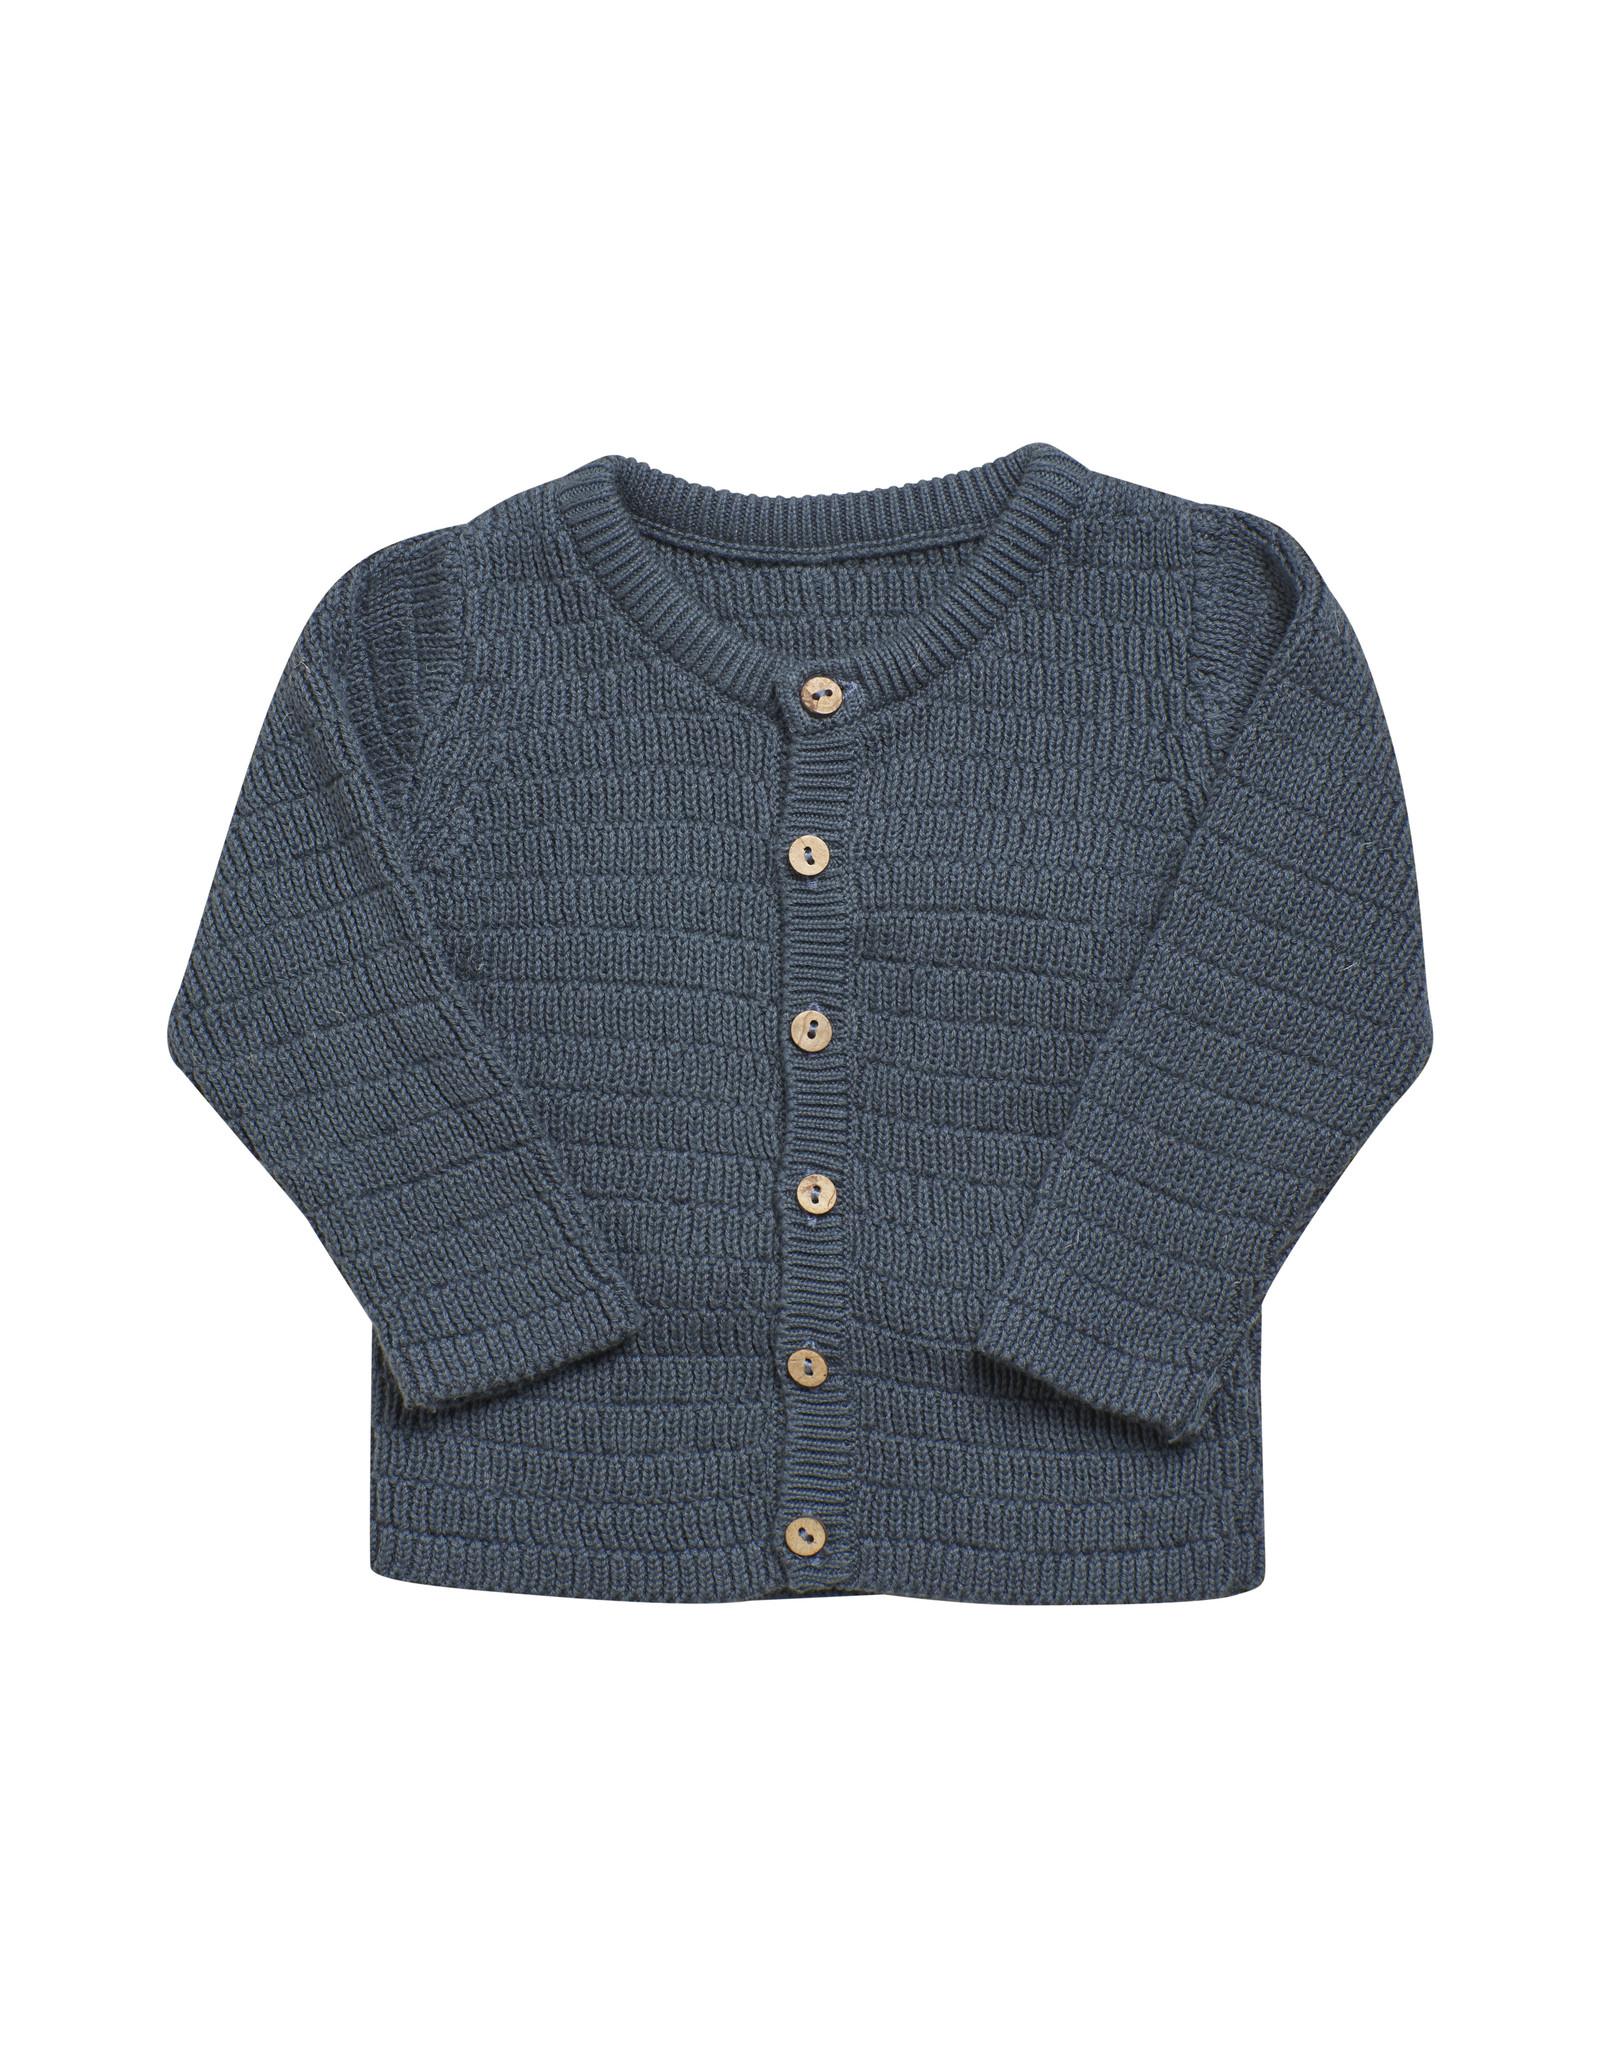 EN FANT En Fant Cardigan Knit GOTS Certified Dark Slate